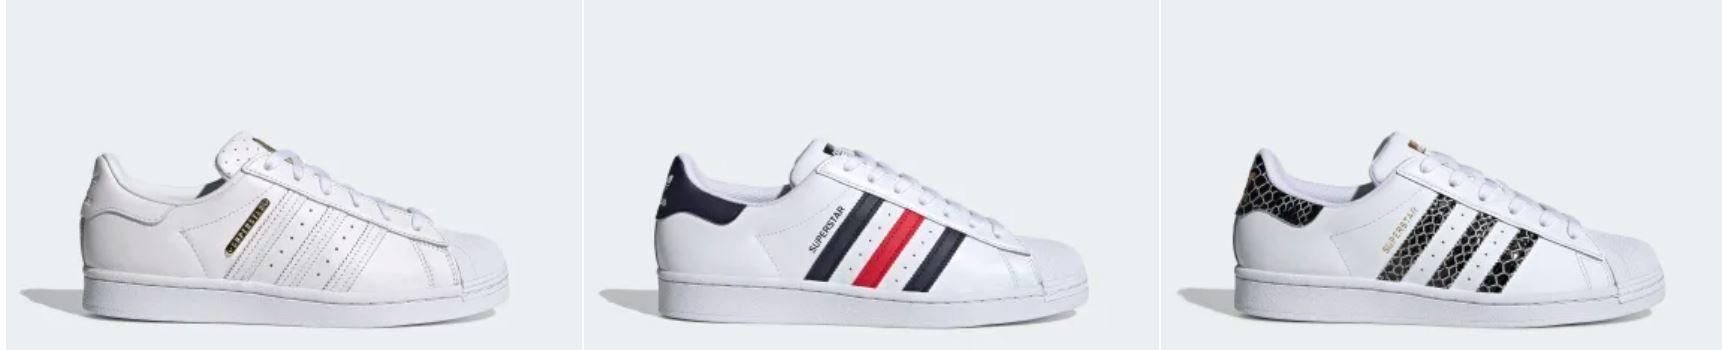 Adidas Superstar Damen und Herren Sneaker mit 20% Rabatt ab 39,98€